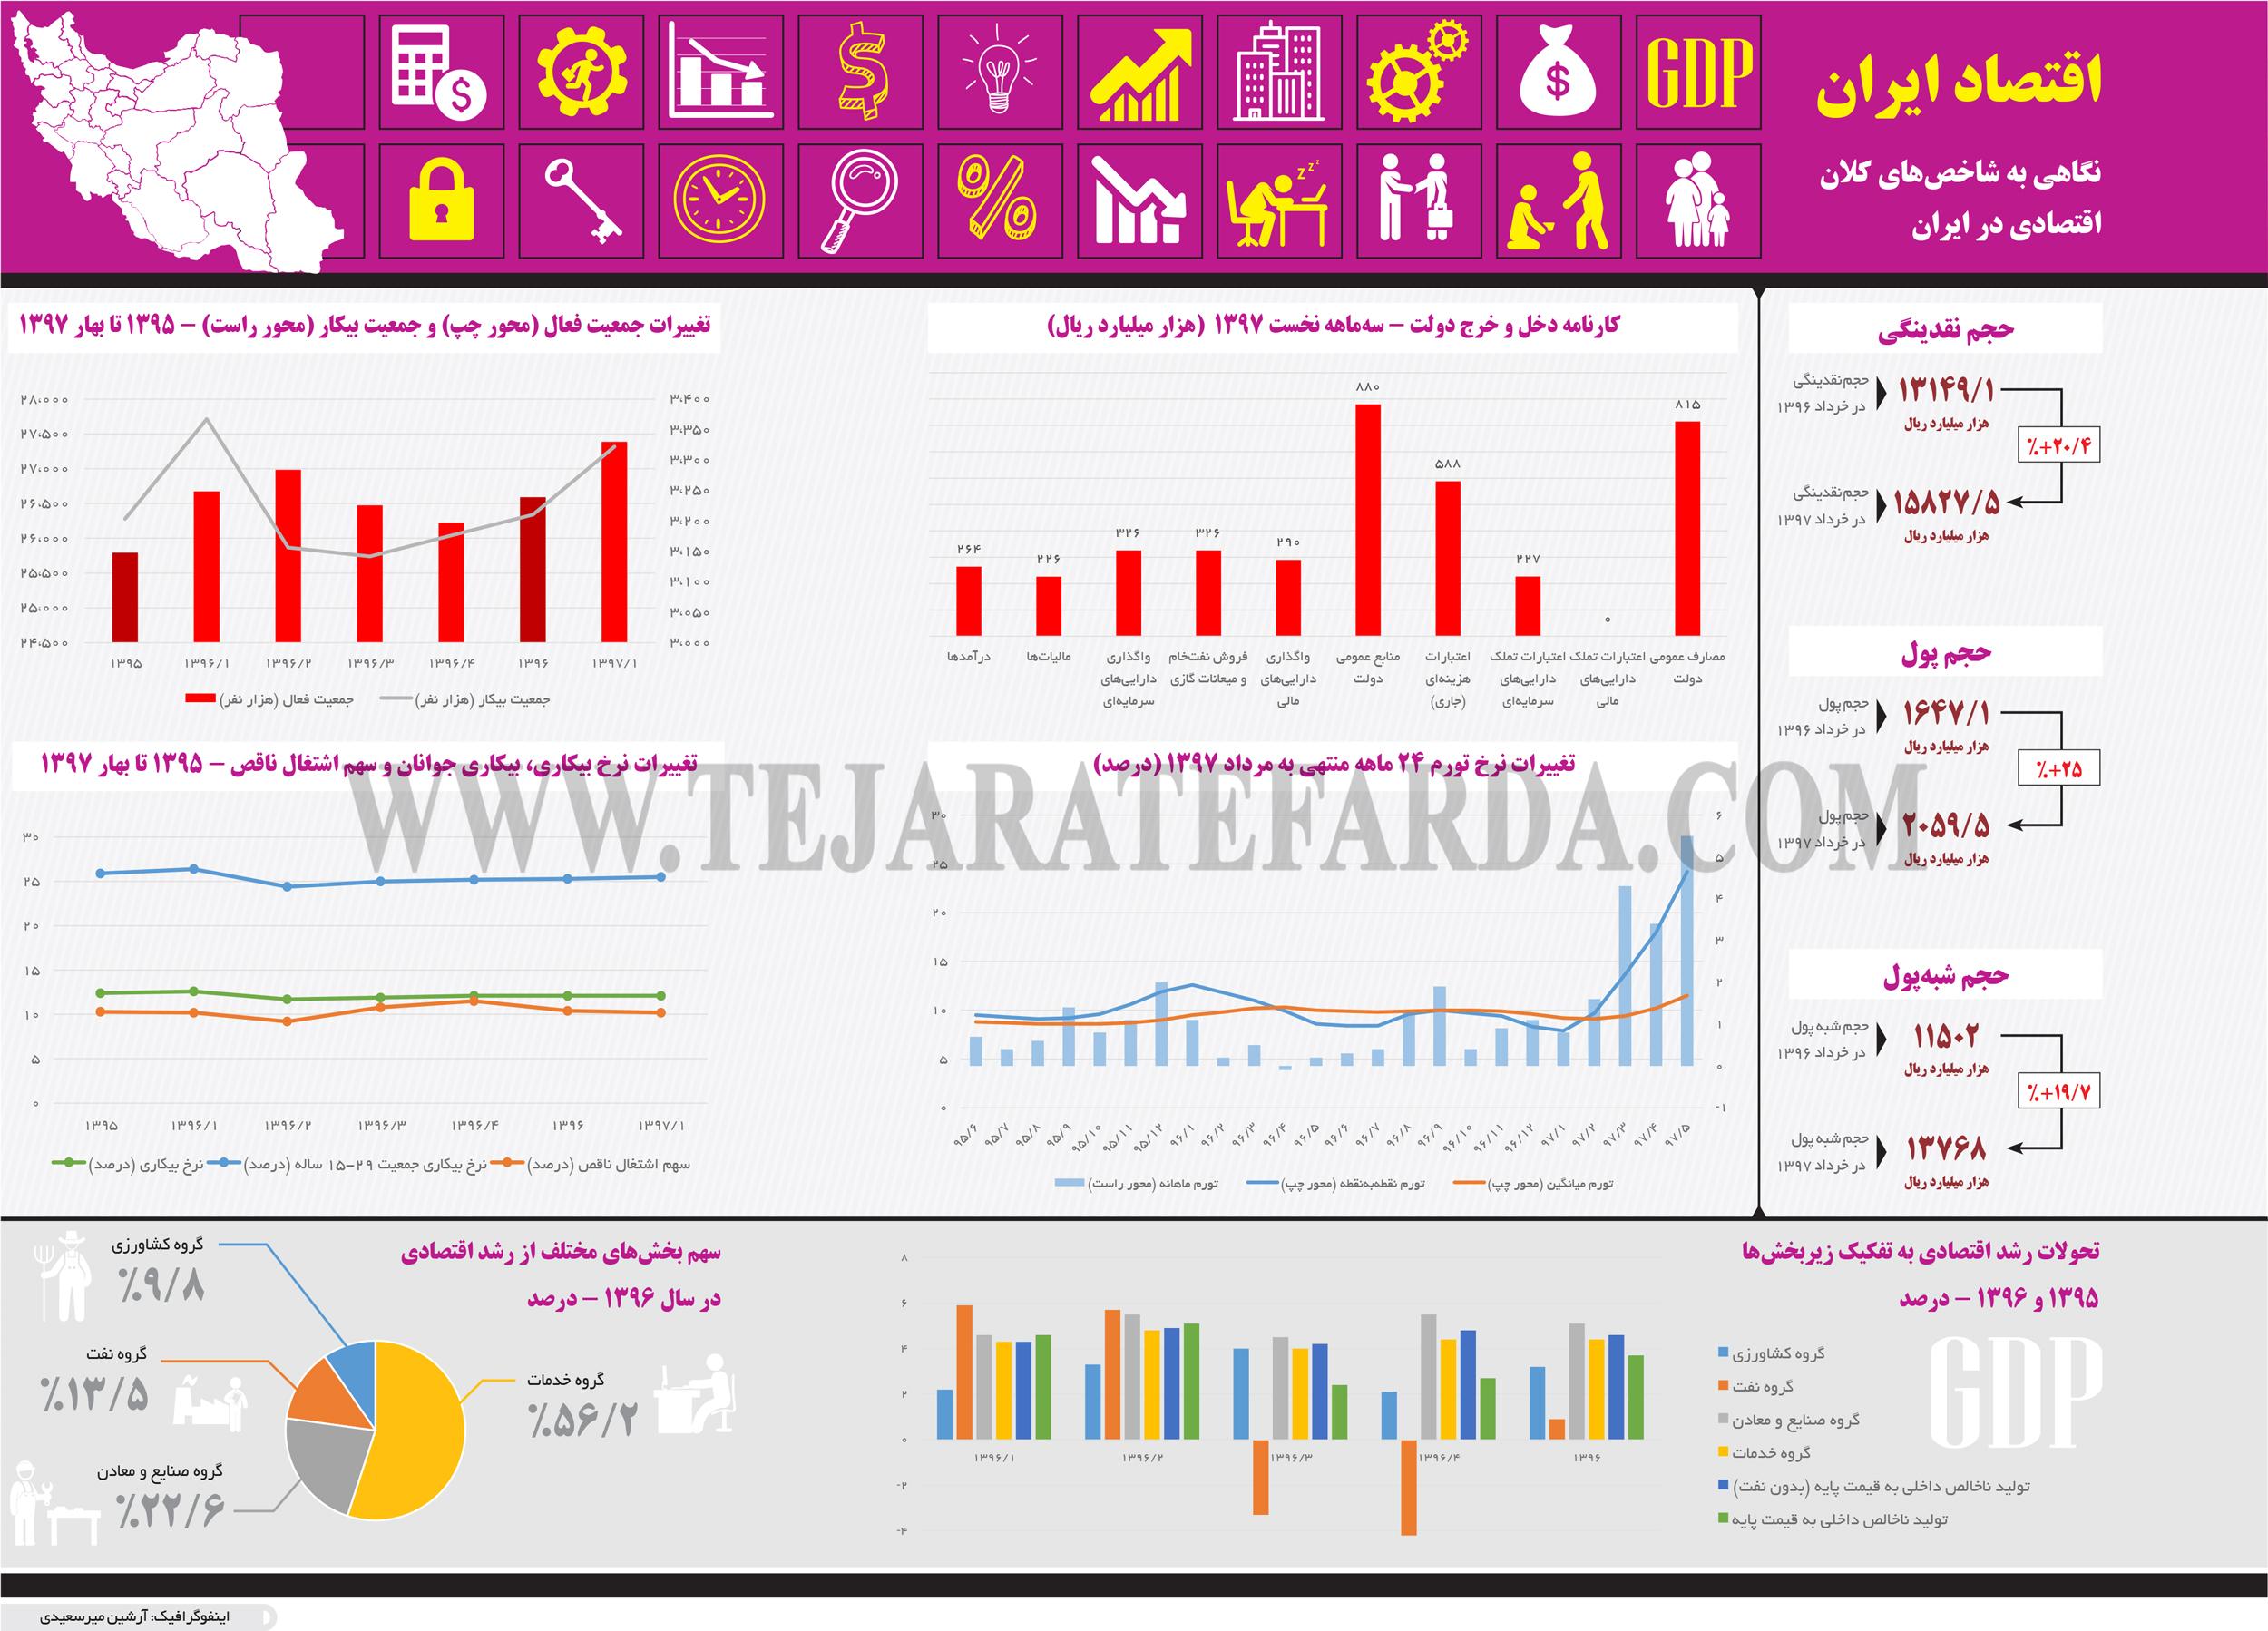 تجارت فردا- اینفوگرافیک- اقتصاد ایران